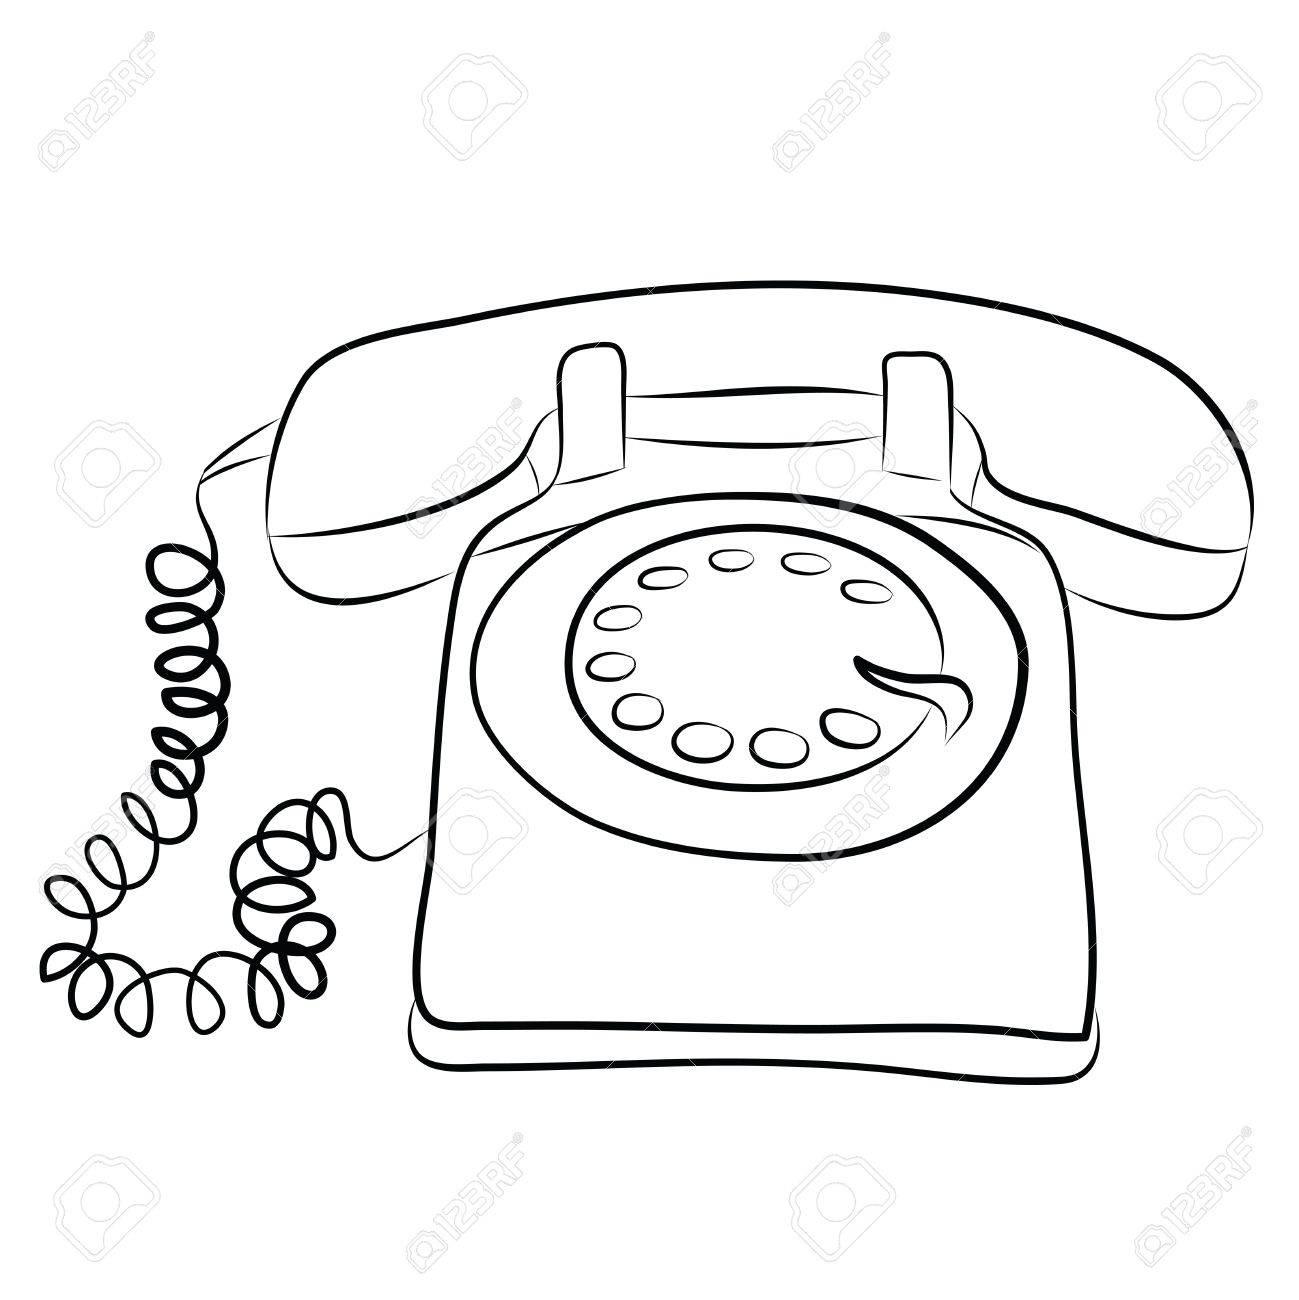 classic rotary phones repair refurbish restore vintage